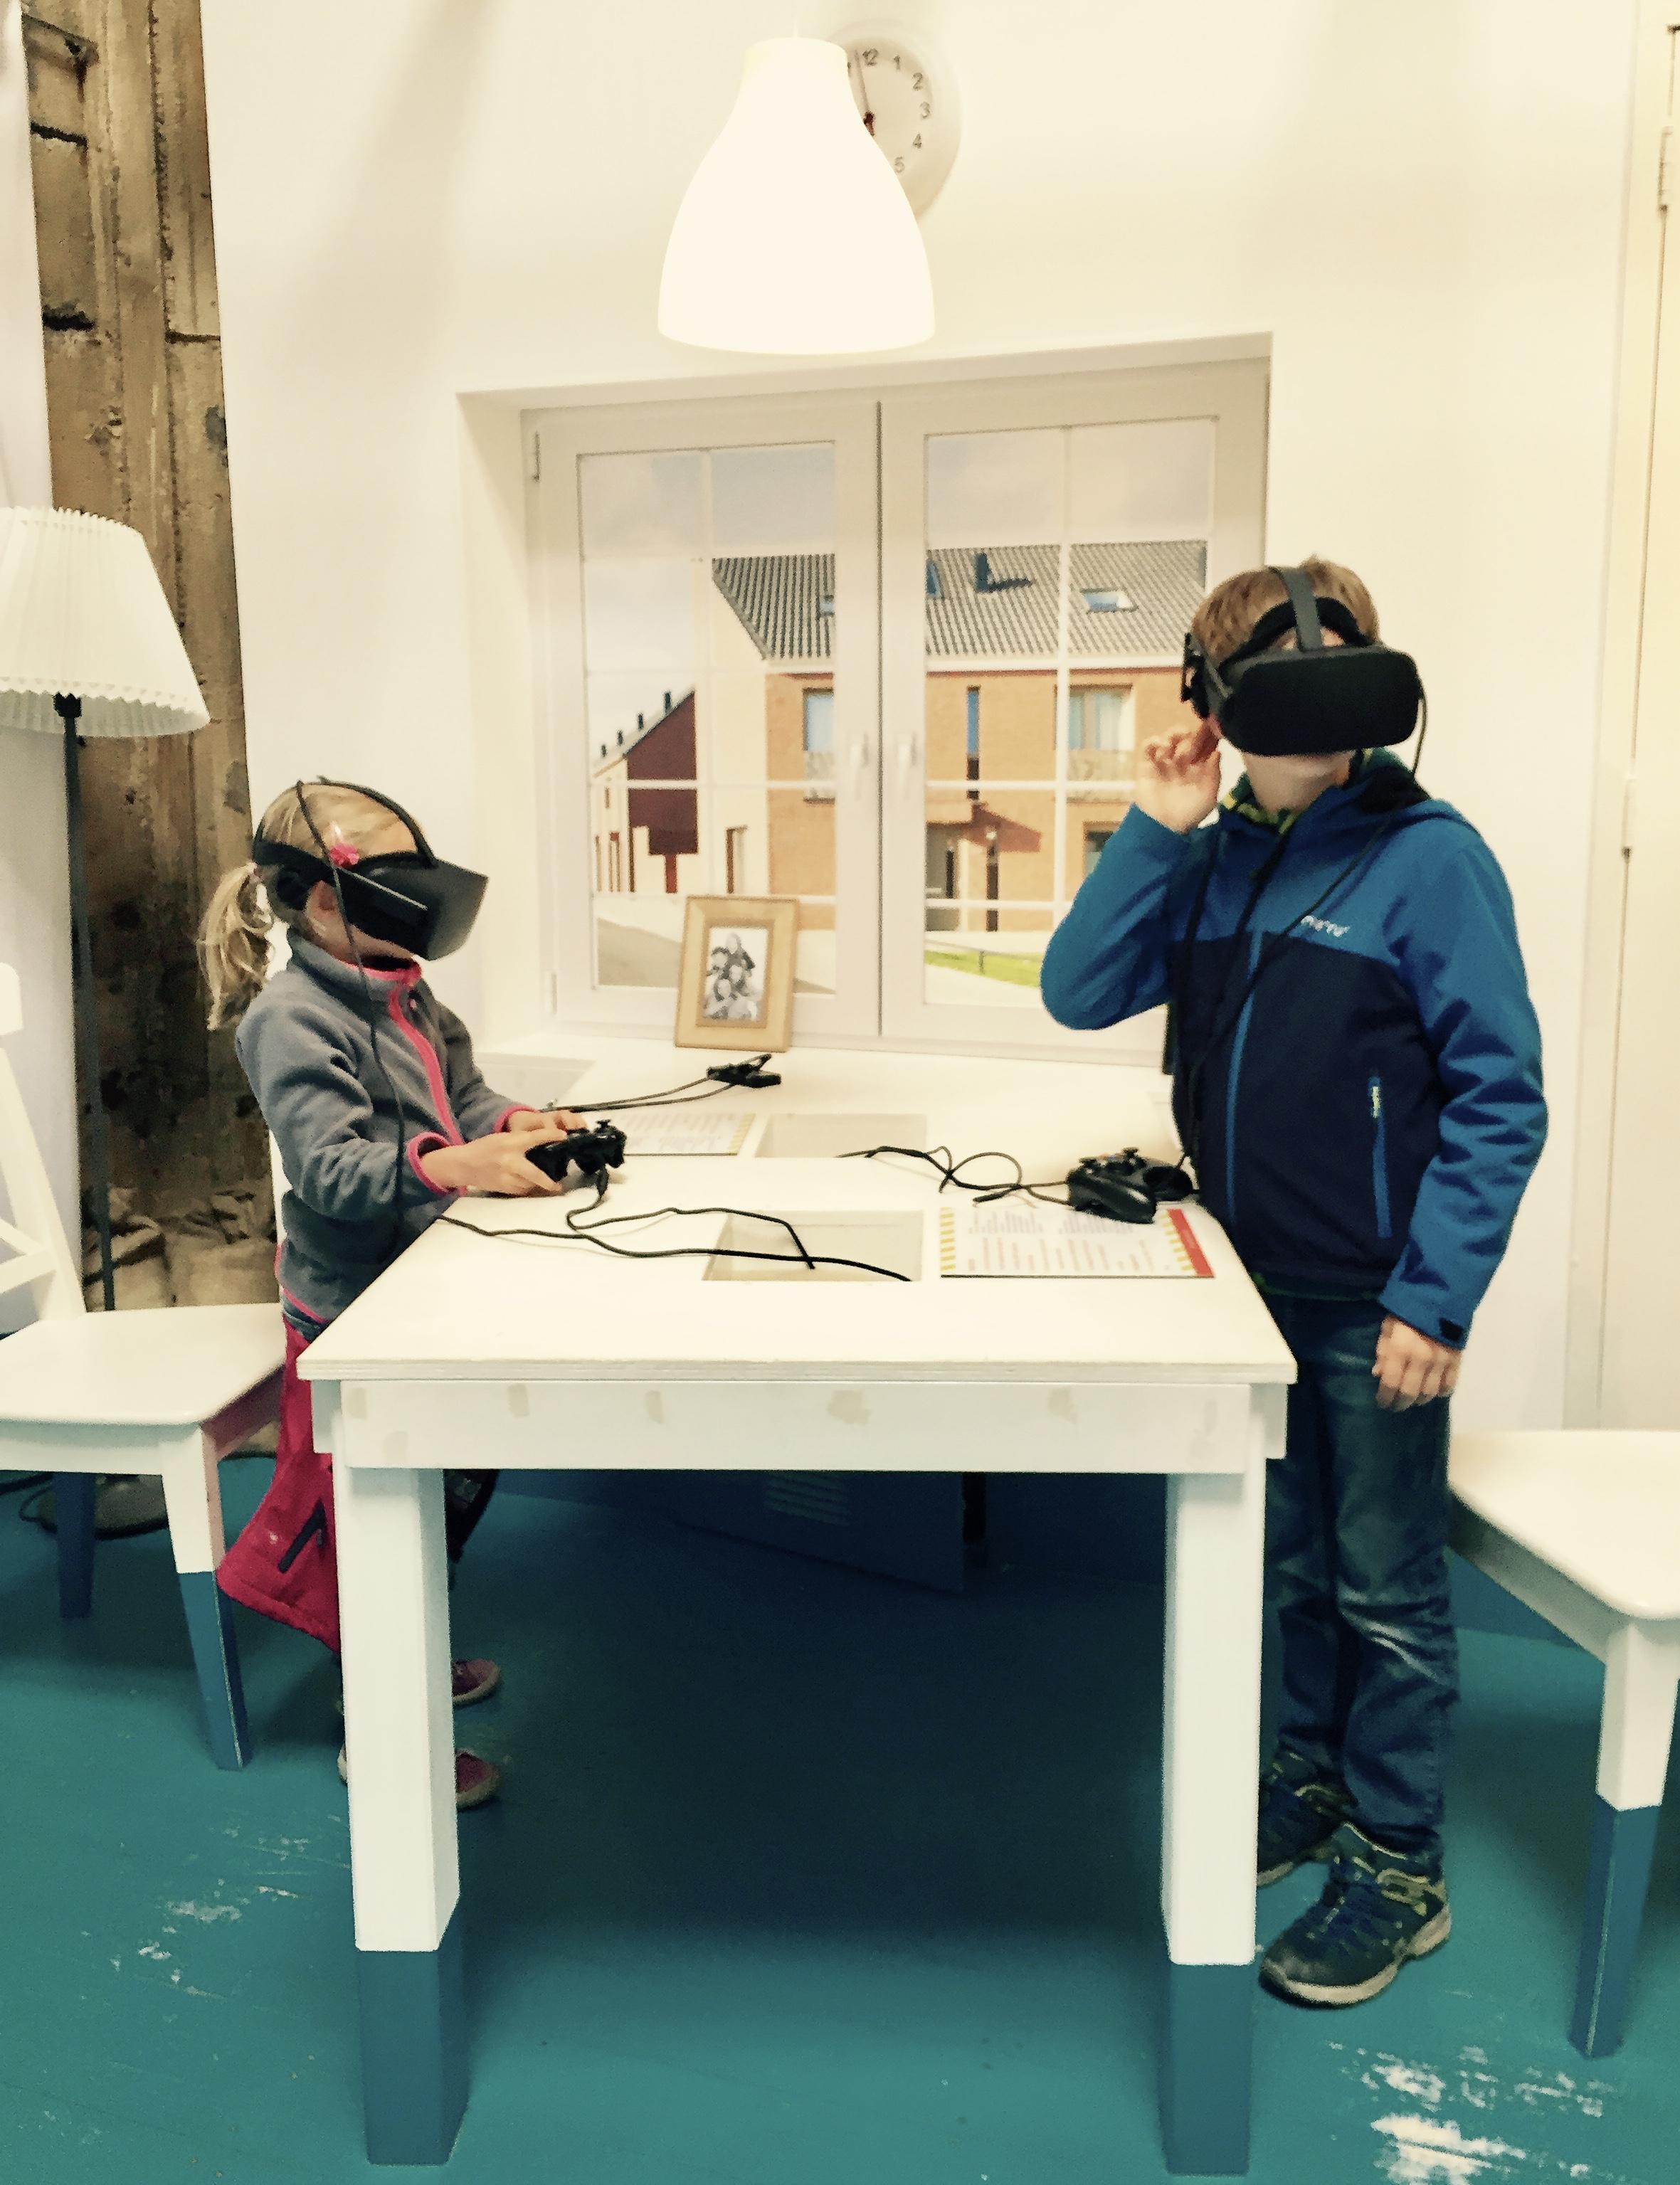 Simulation einer Flut in der virtuellen Realität